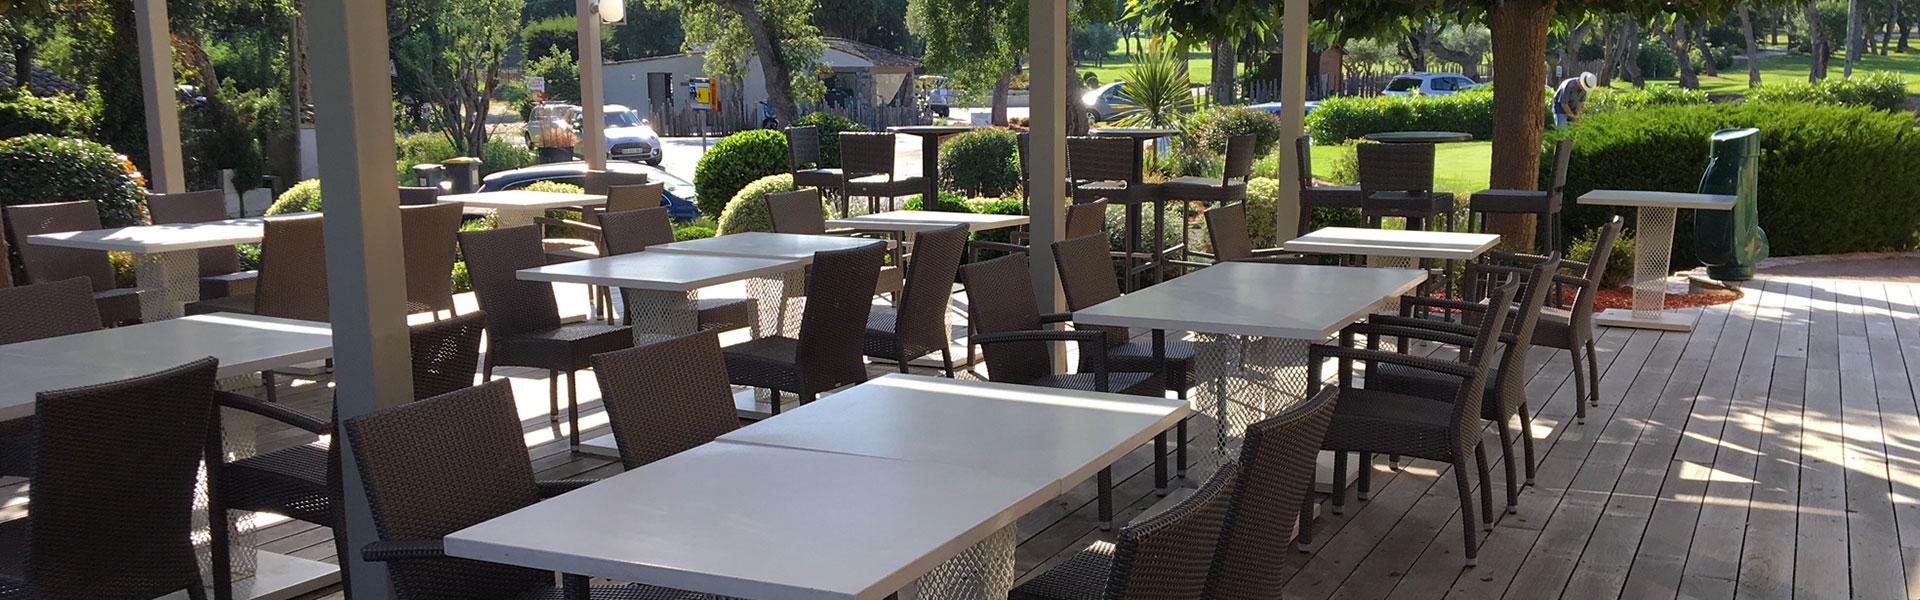 Club House Golf de Beauvallon restaurant Grimaud Golfe de Saint Tropez vue terrasse